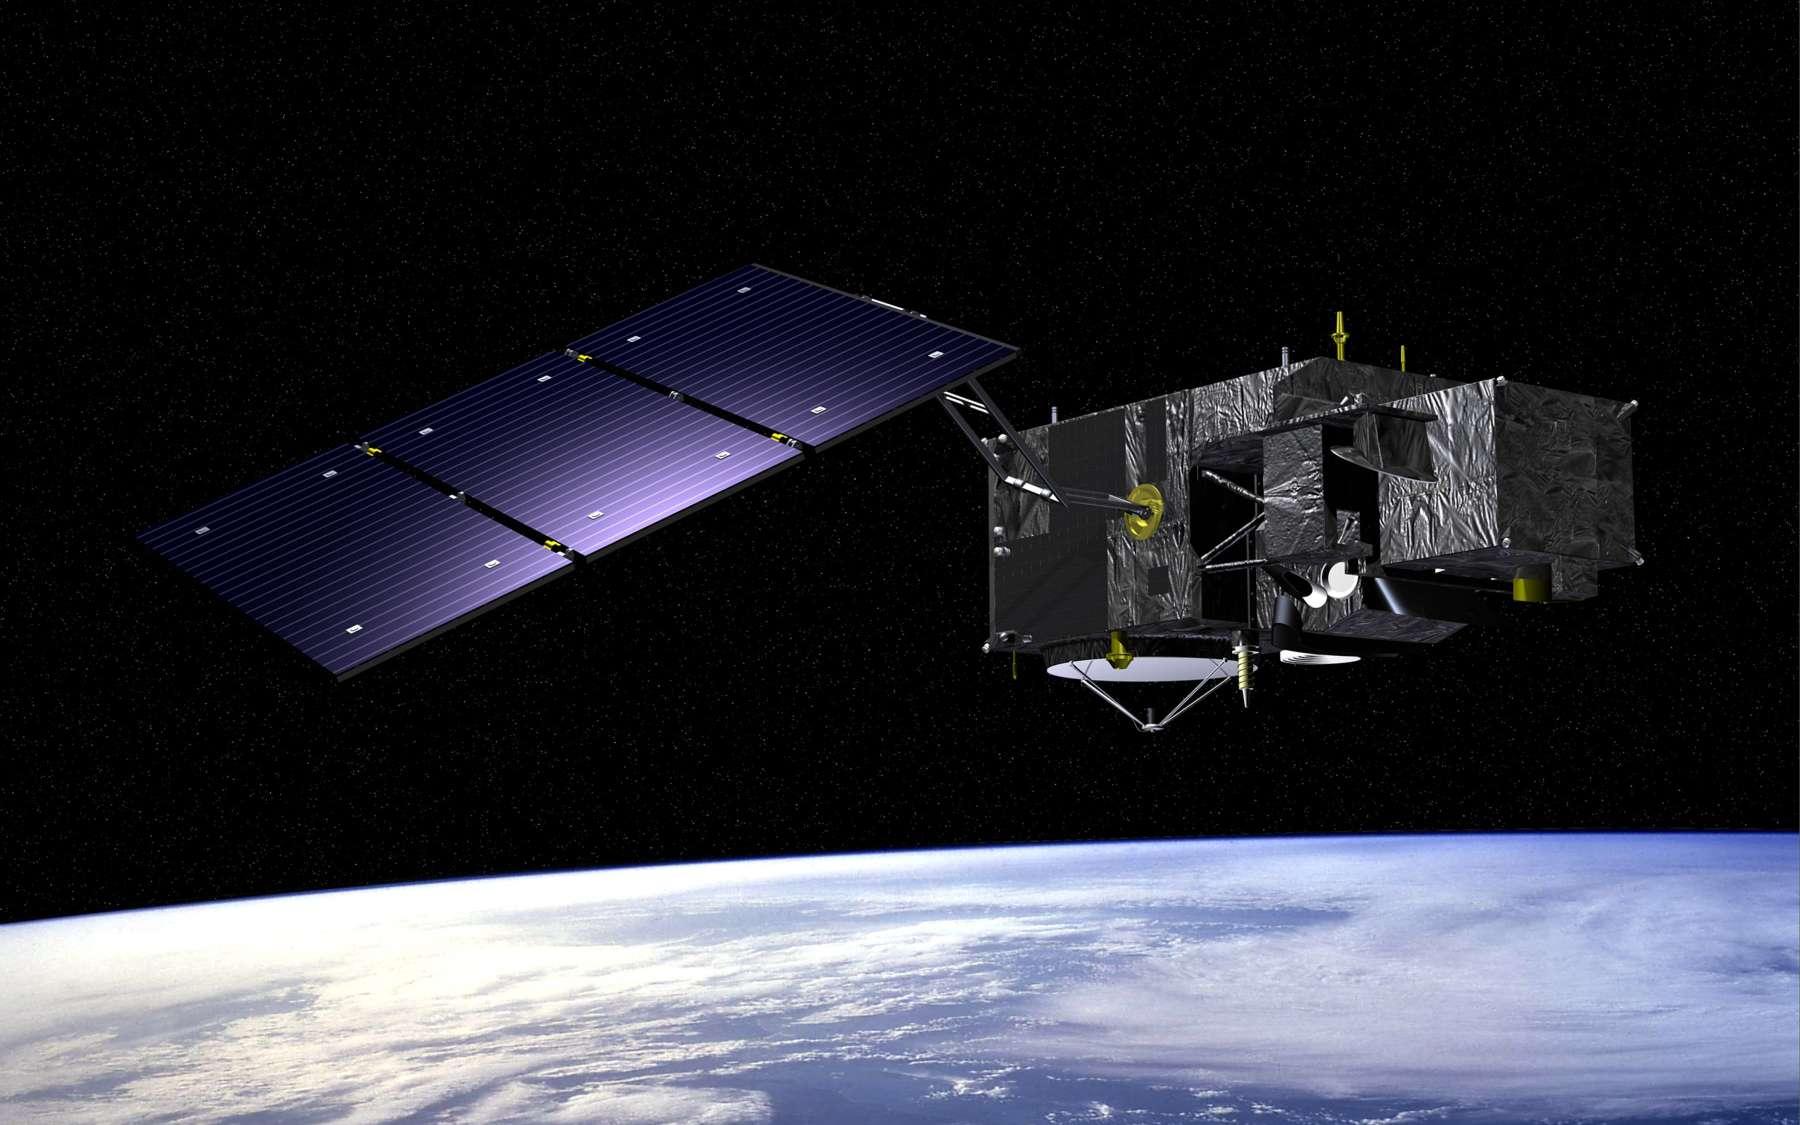 Vue d'artiste de Sentinel 3. Notez le choix d'un seul panneau solaire qui, associé à une configuration de vol longitudinale, permet d'avoir une importante face froide pour le satellite. C'est essentiel pour le contrôle thermique des instruments optiques. © Esa, J. Huart